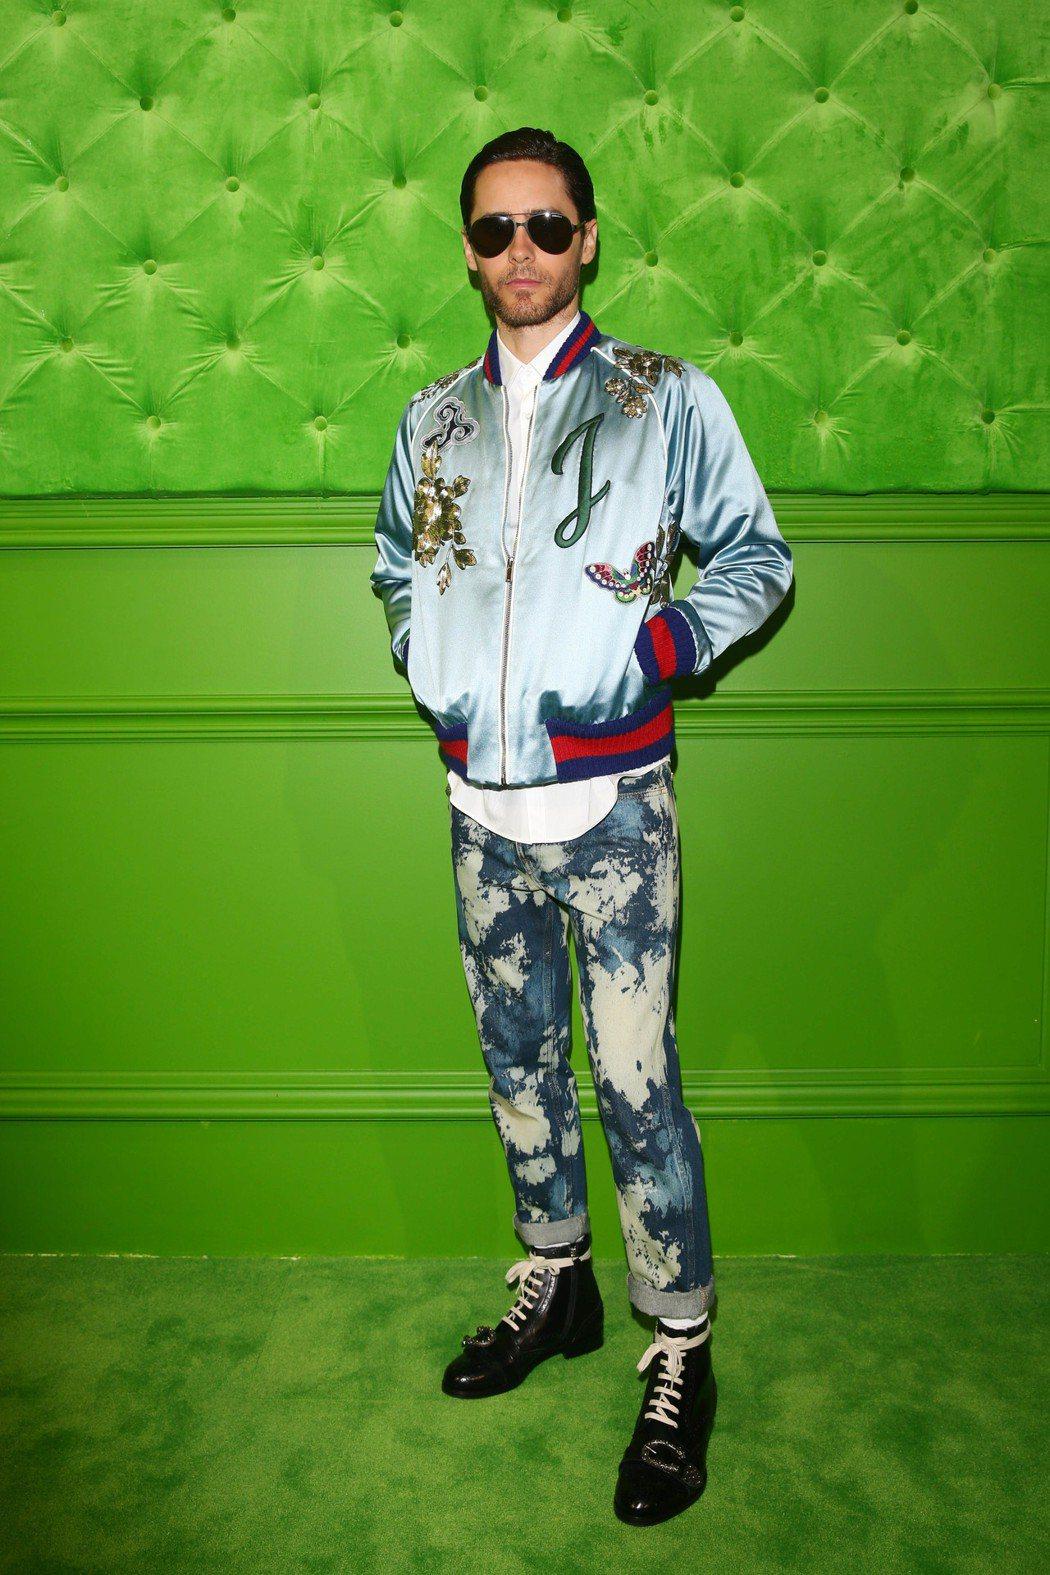 傑瑞德雷托穿著 Gucci DIY 絲質刺繡夾克搭配藍色水洗丹寧褲,出席品牌20